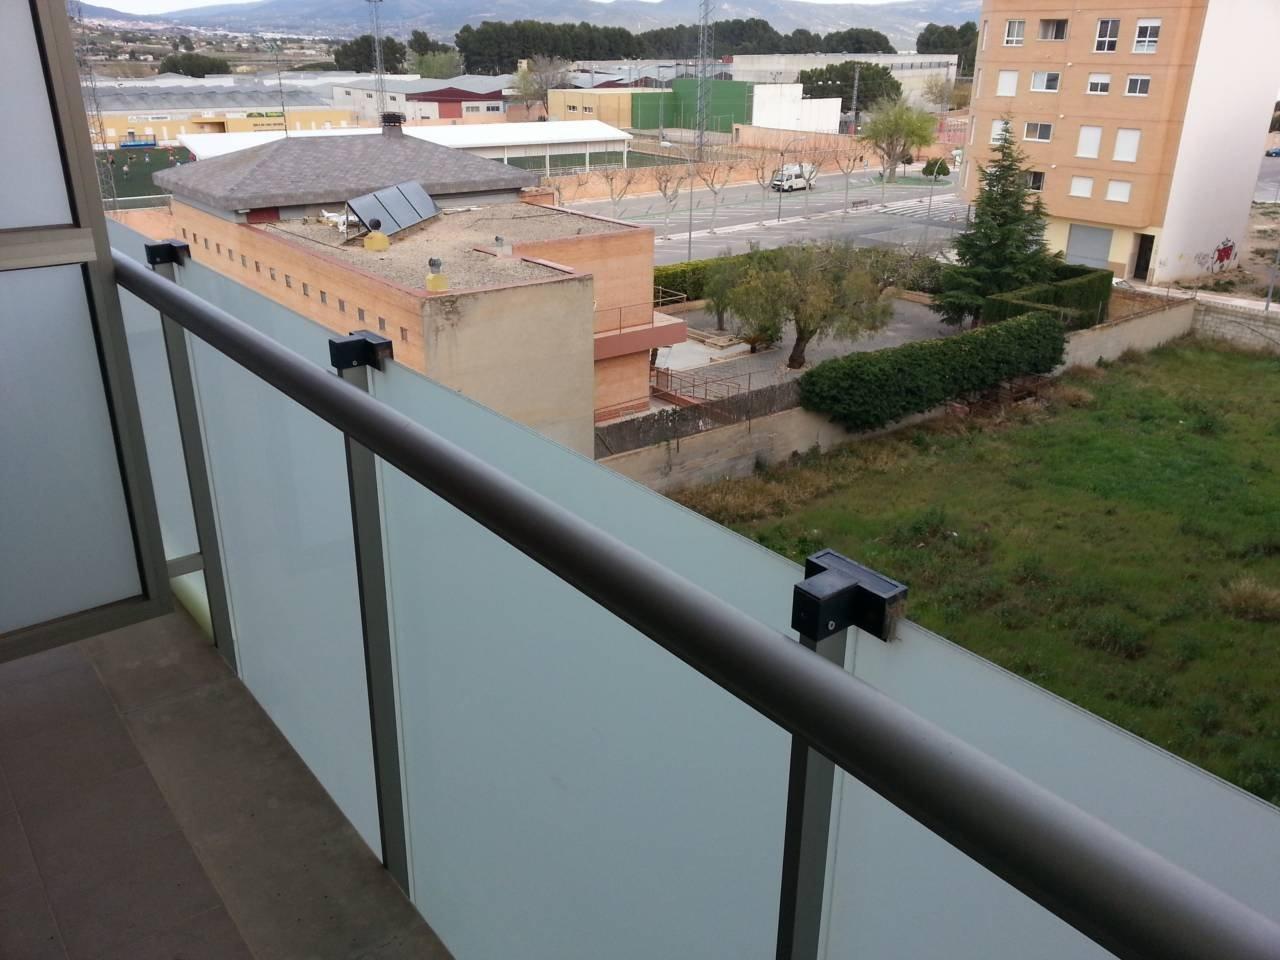 Fincas jm piso de nueva construcci n en venta en castalla por 000243 - Pisos de nueva construccion ...